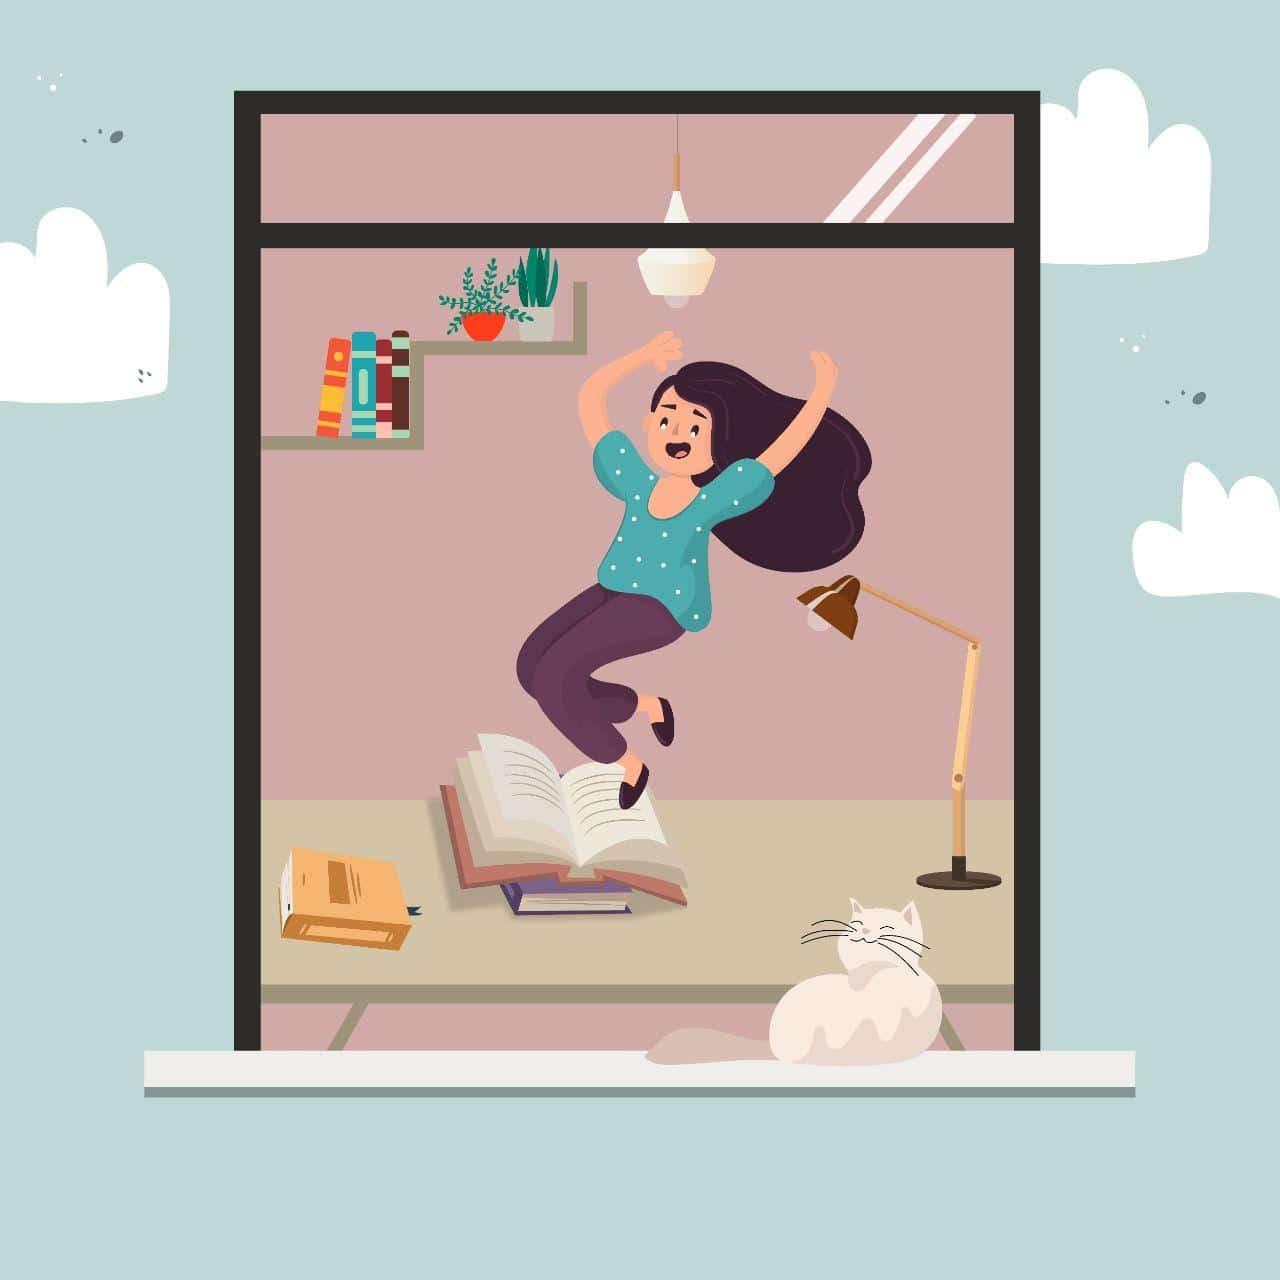 A través de una ventana vemos a una chica saltando feliz y algunos libros